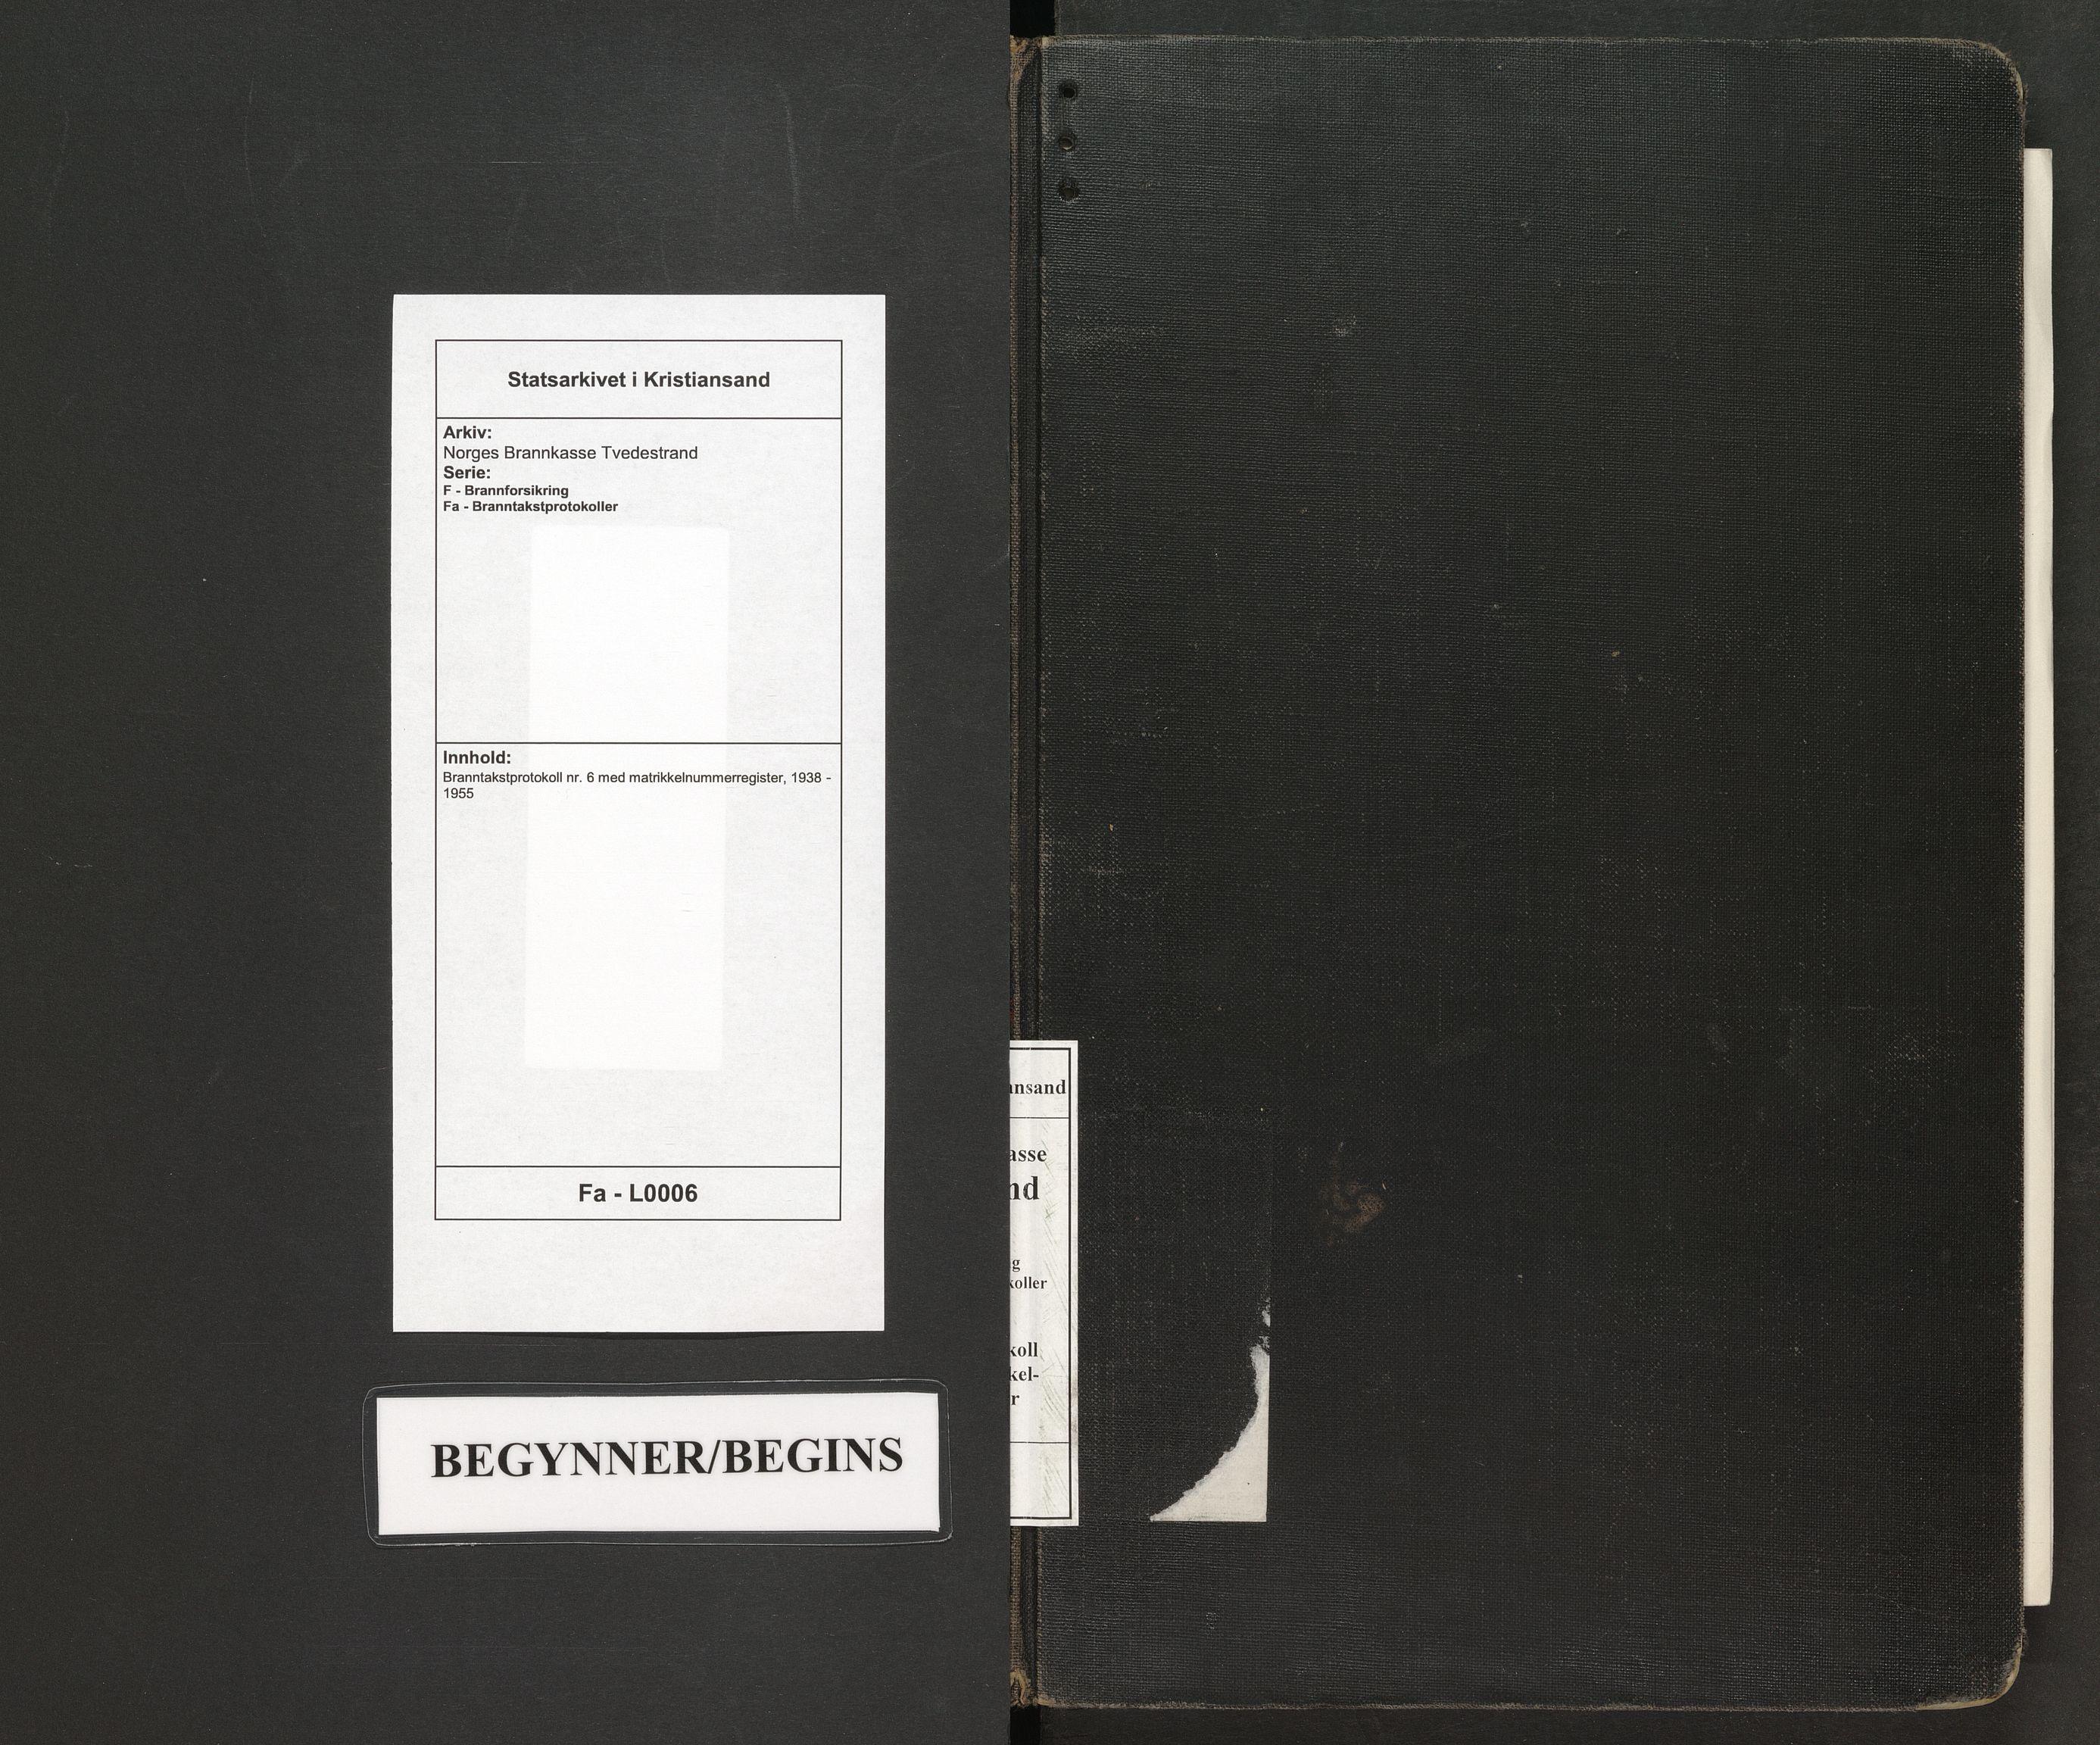 SAK, Norges Brannkasse Tvedestrand, F/Fa/L0006: Branntakstprotokoll nr. 6 med matrikkelnummerregister, 1938-1955